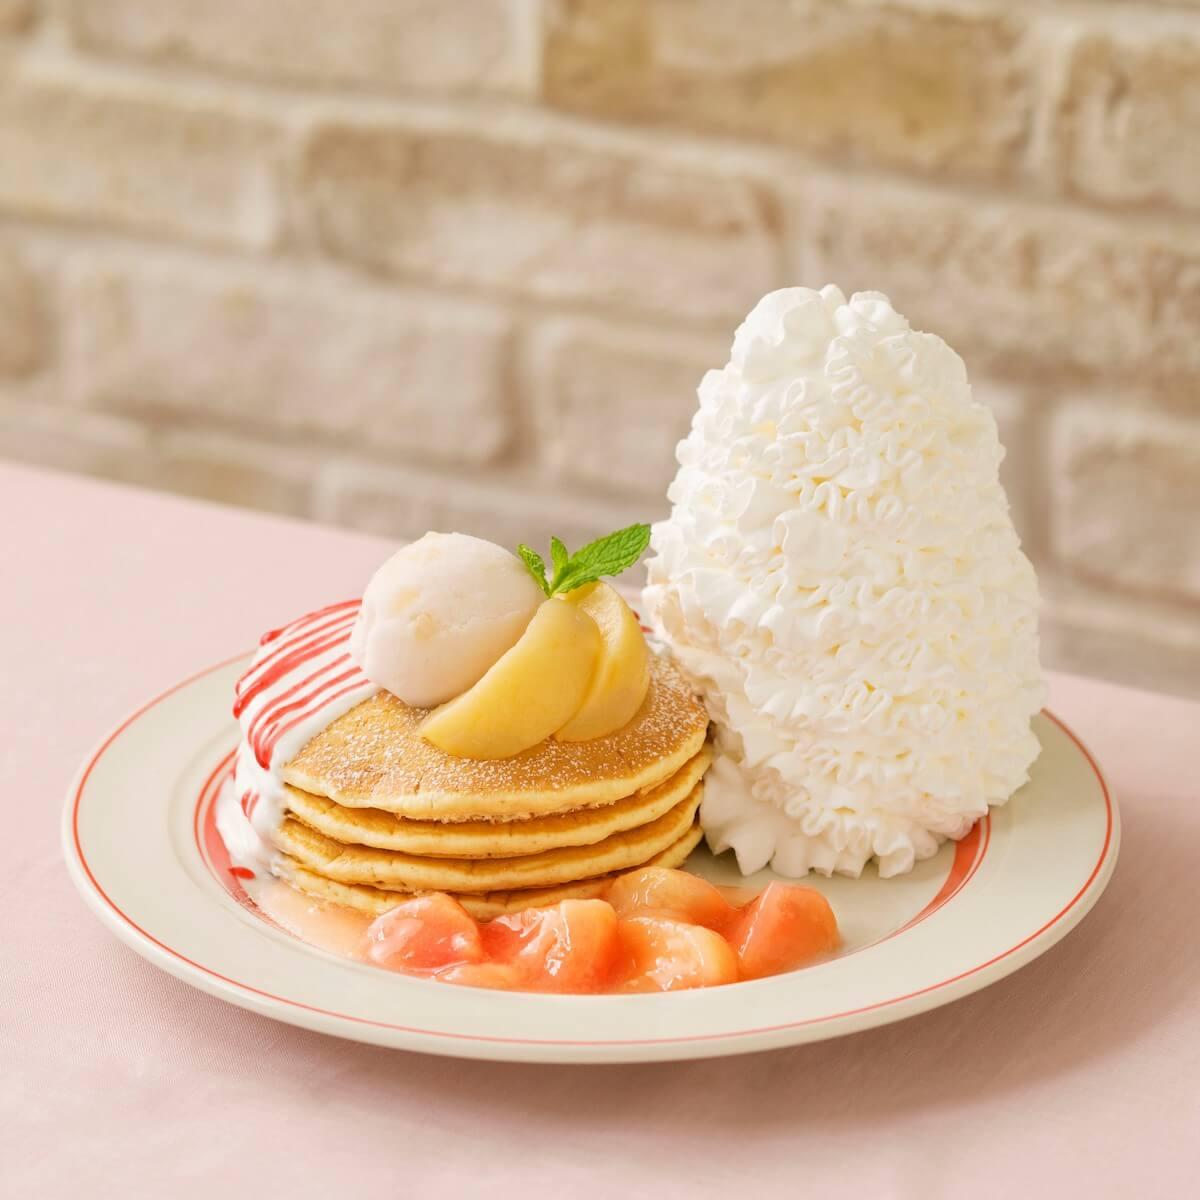 Eggs 'n Thingsに新メニュー!「白桃とヨーグルトソースのパンケーキ」が期間限定で登場 gourmet190618eggsnthings-pancake_1